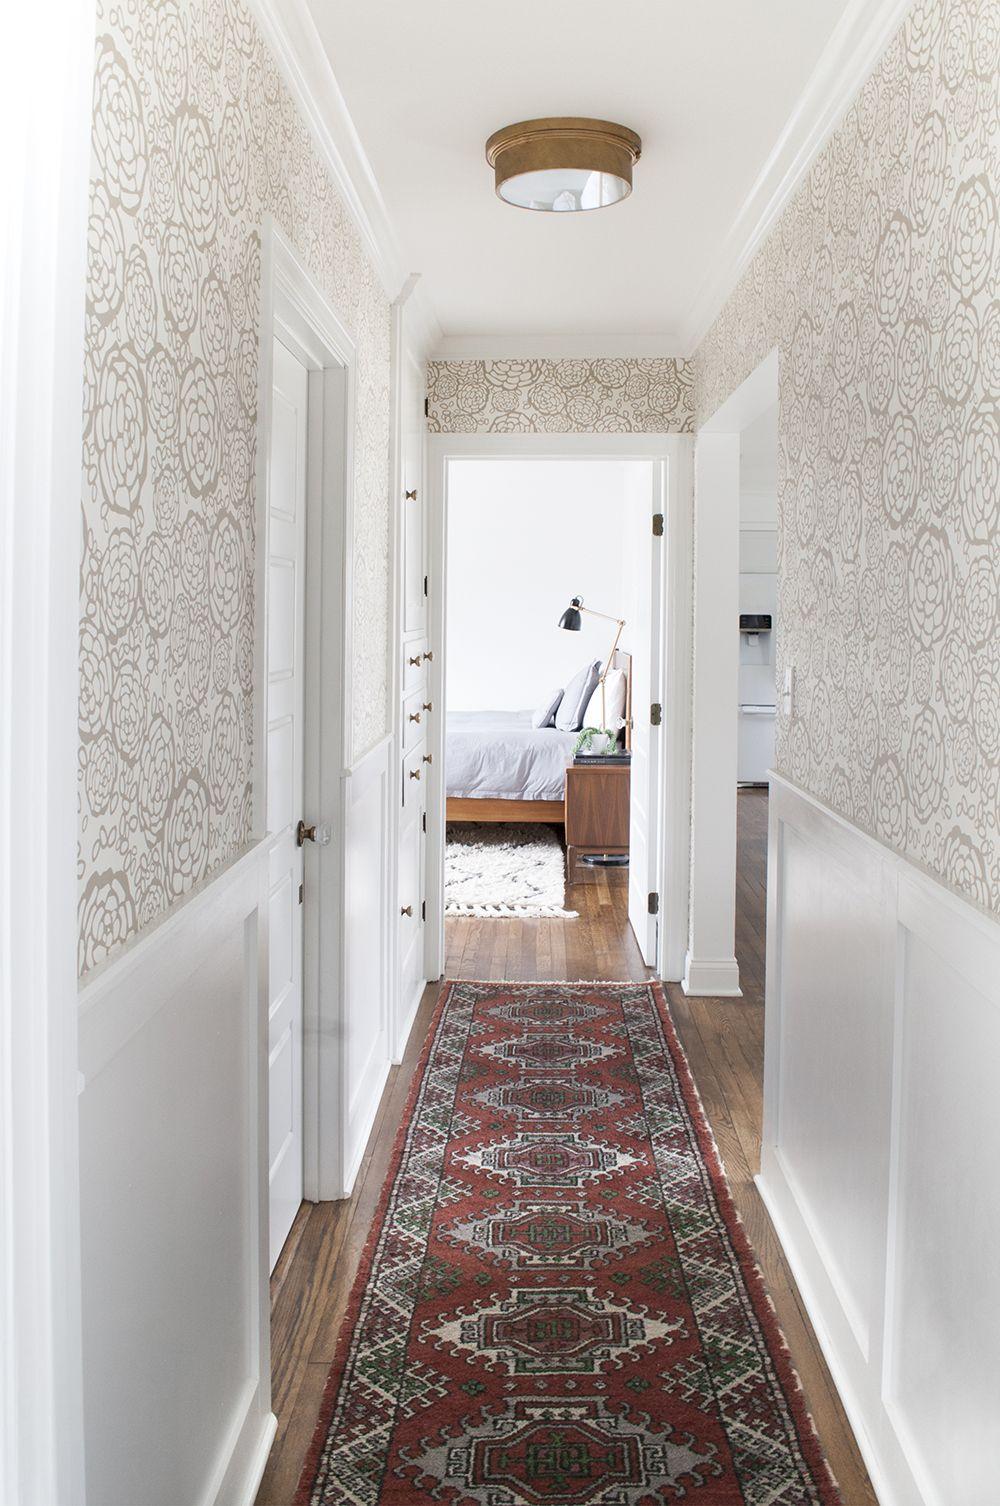 Fixer Upper Joanna Gaines Bedroom Master Bathrooms Light Fixtures